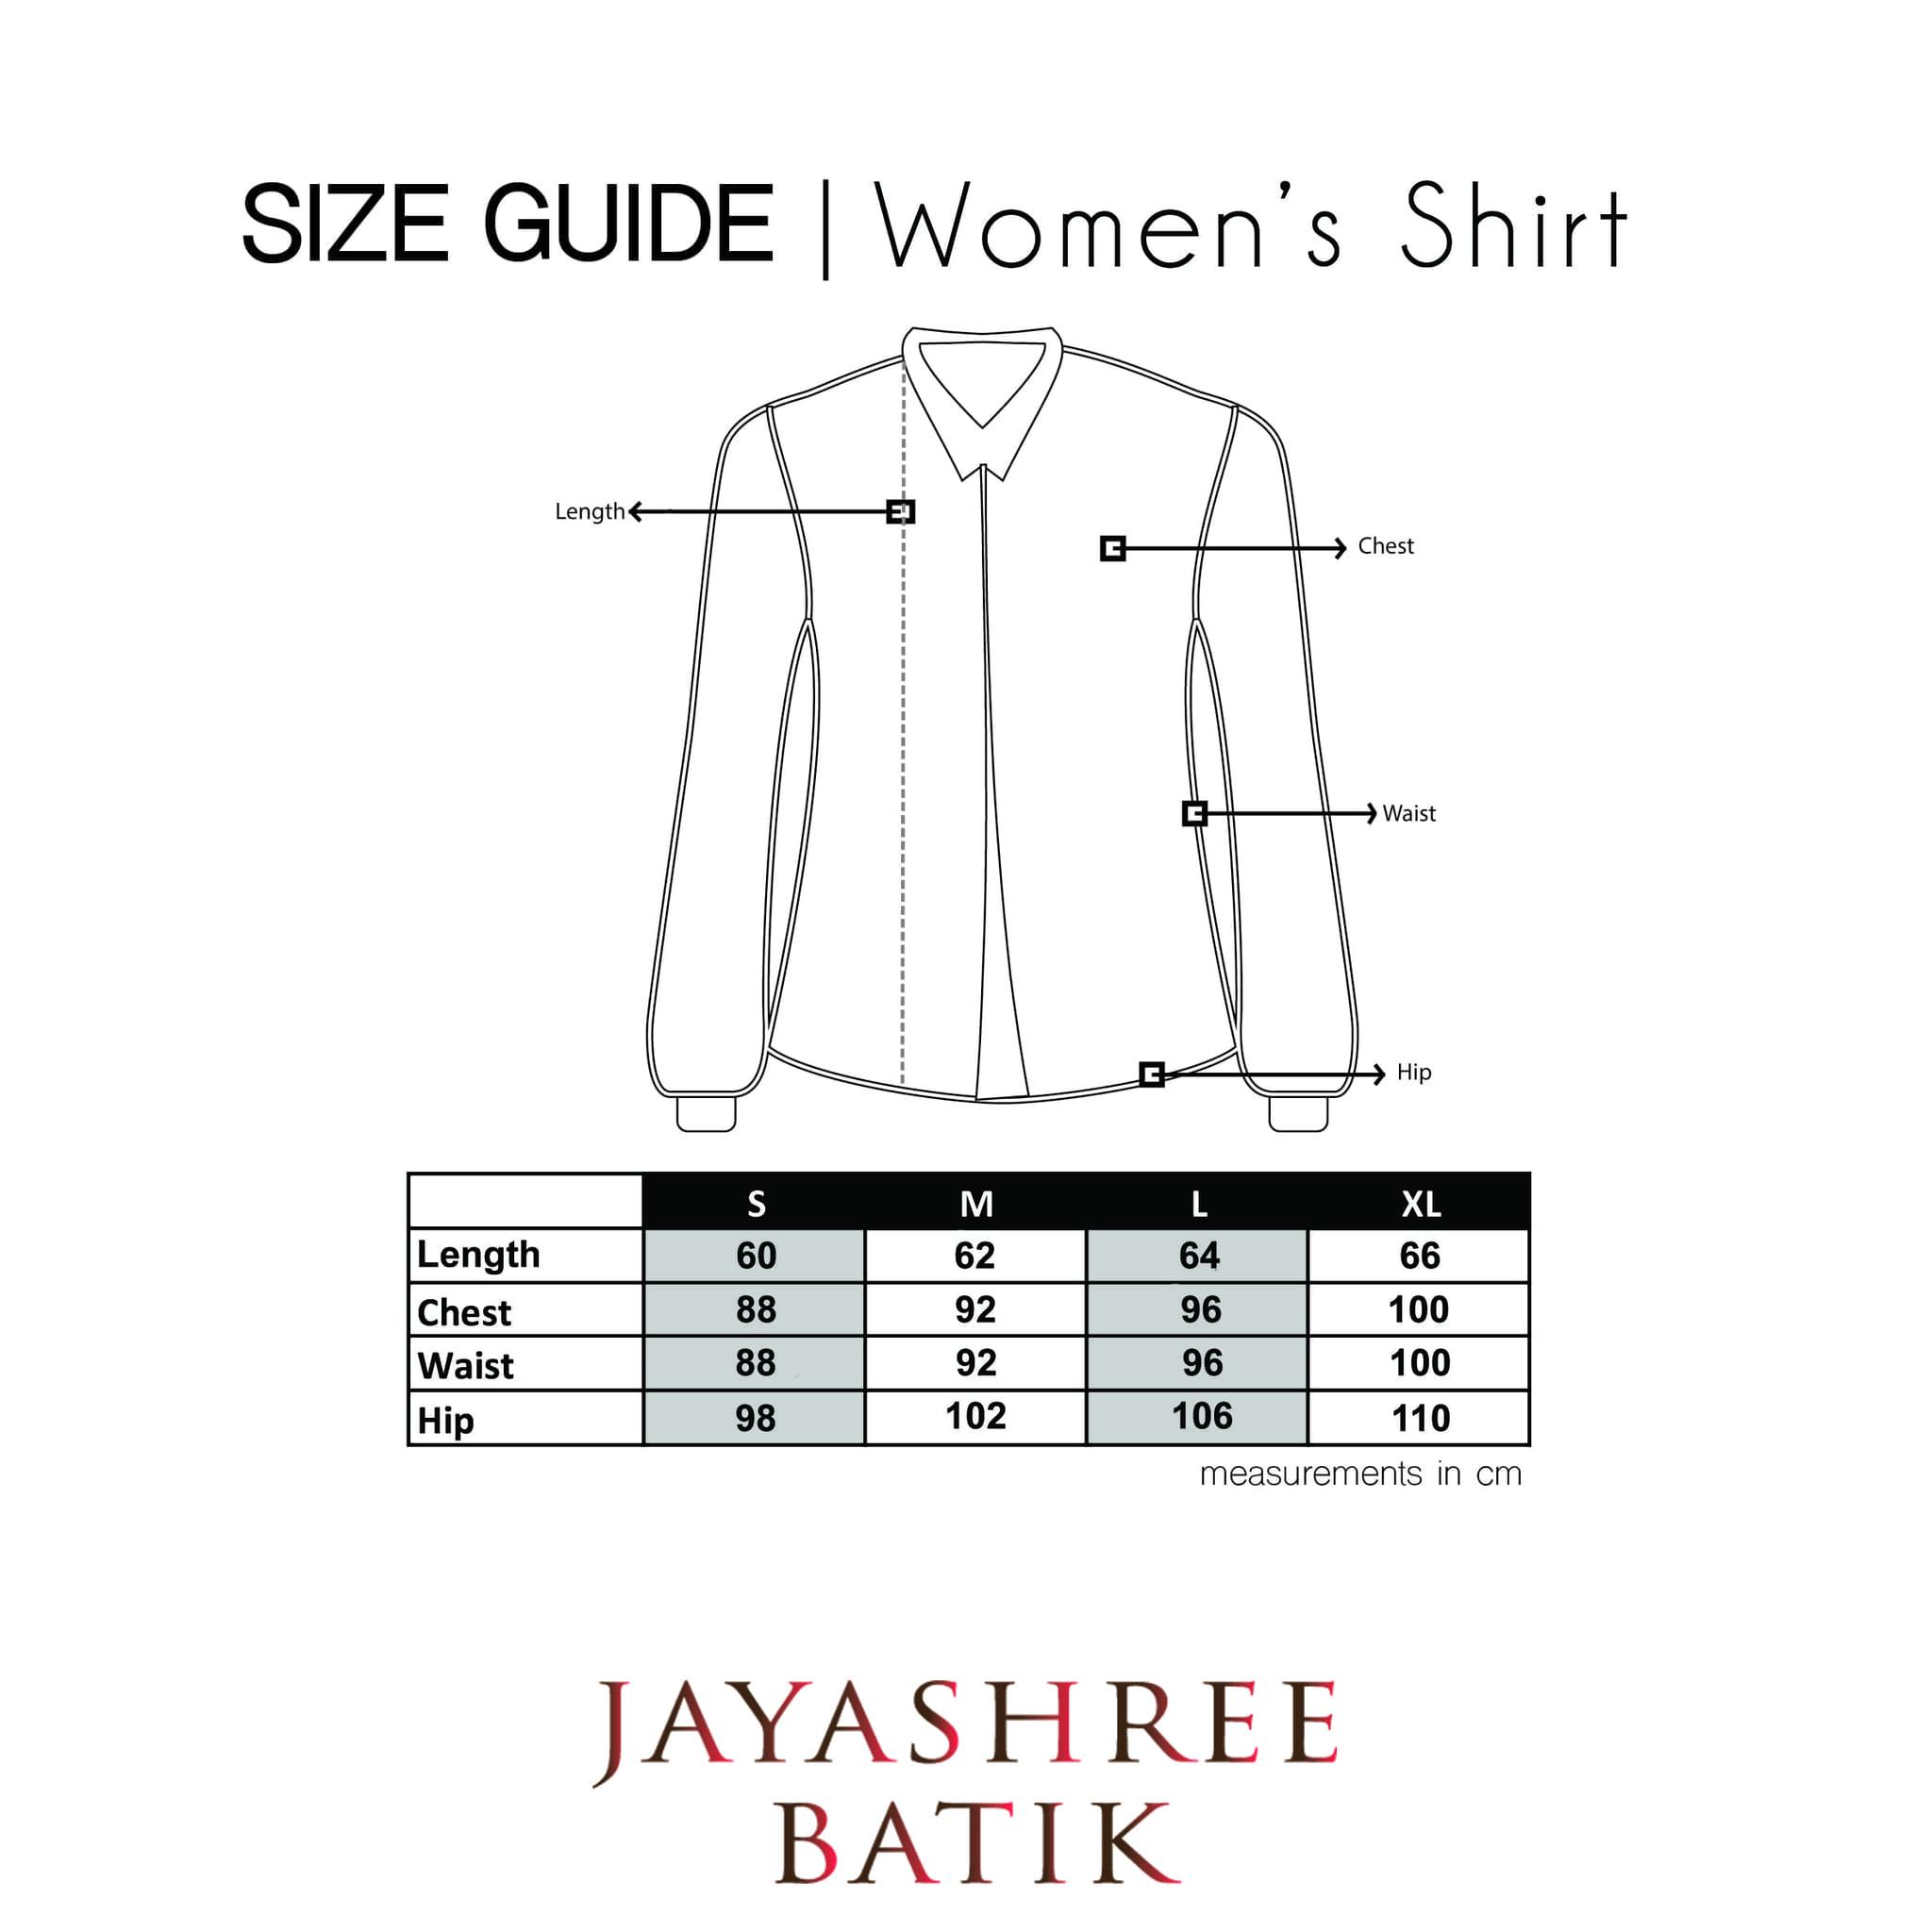 ... Jayashree Batik Kemeja Kama Black Slimfit Short Sleeve Pria Update Rafa Hitam S Blouse Davendra Khaki